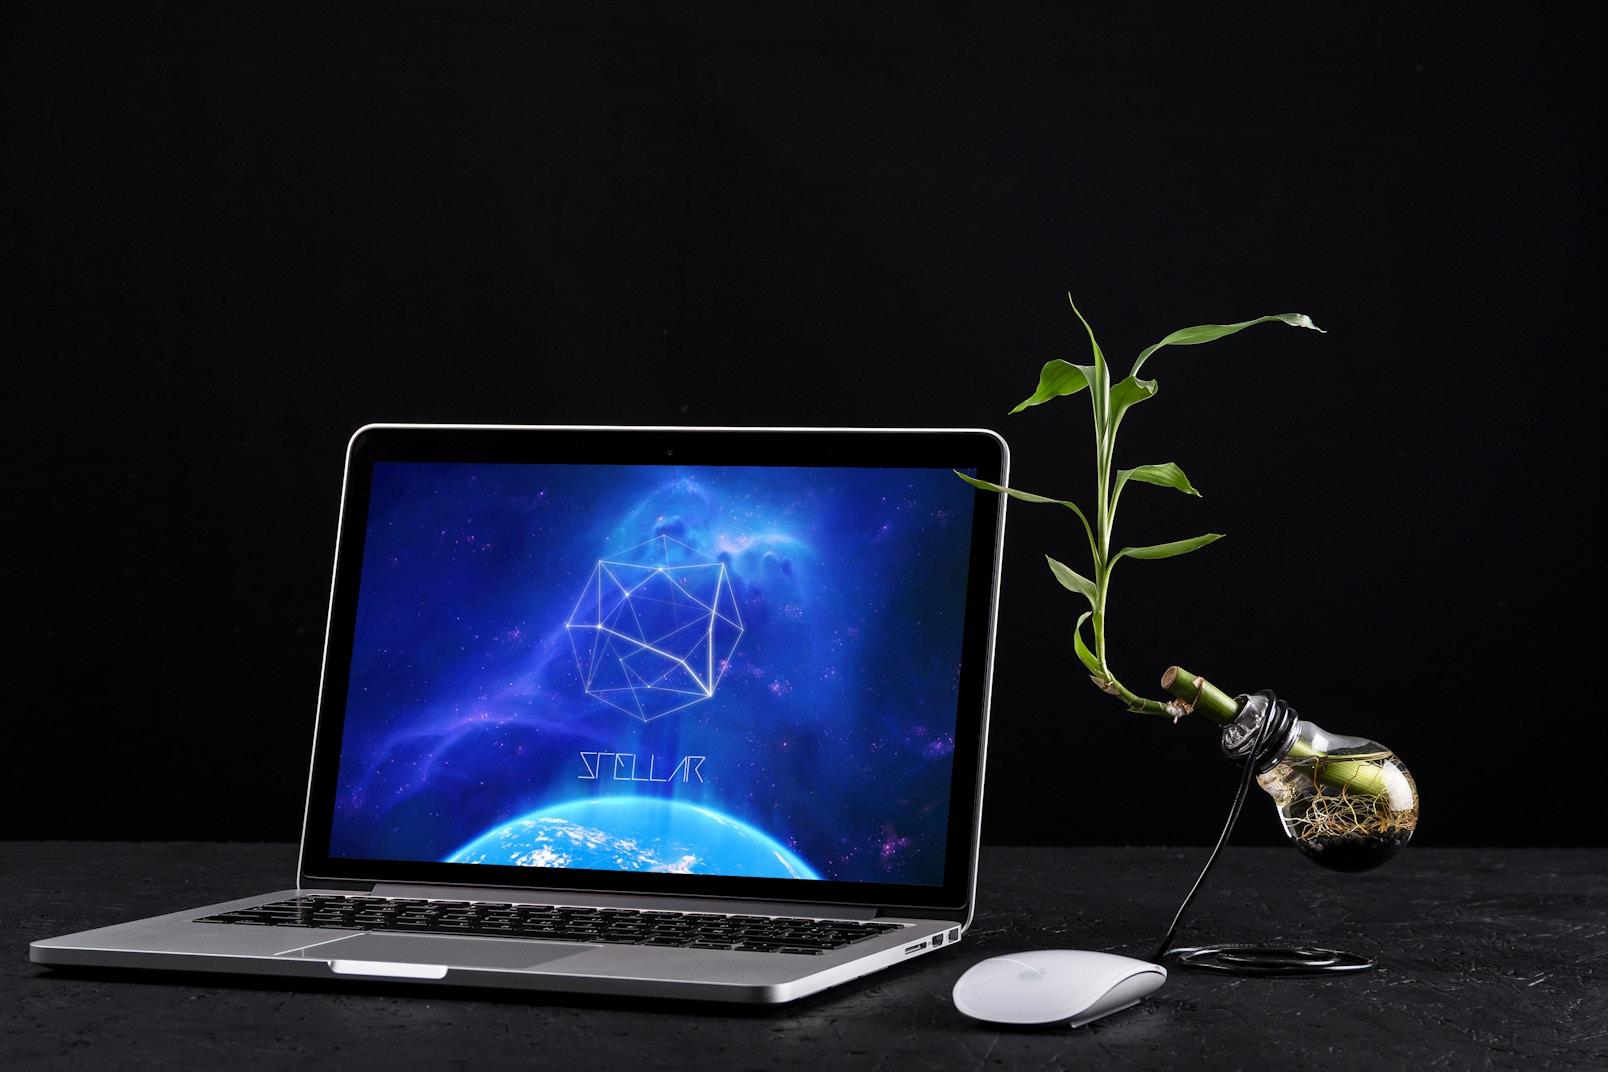 MacBook Pro Retina 13 Mockup 03